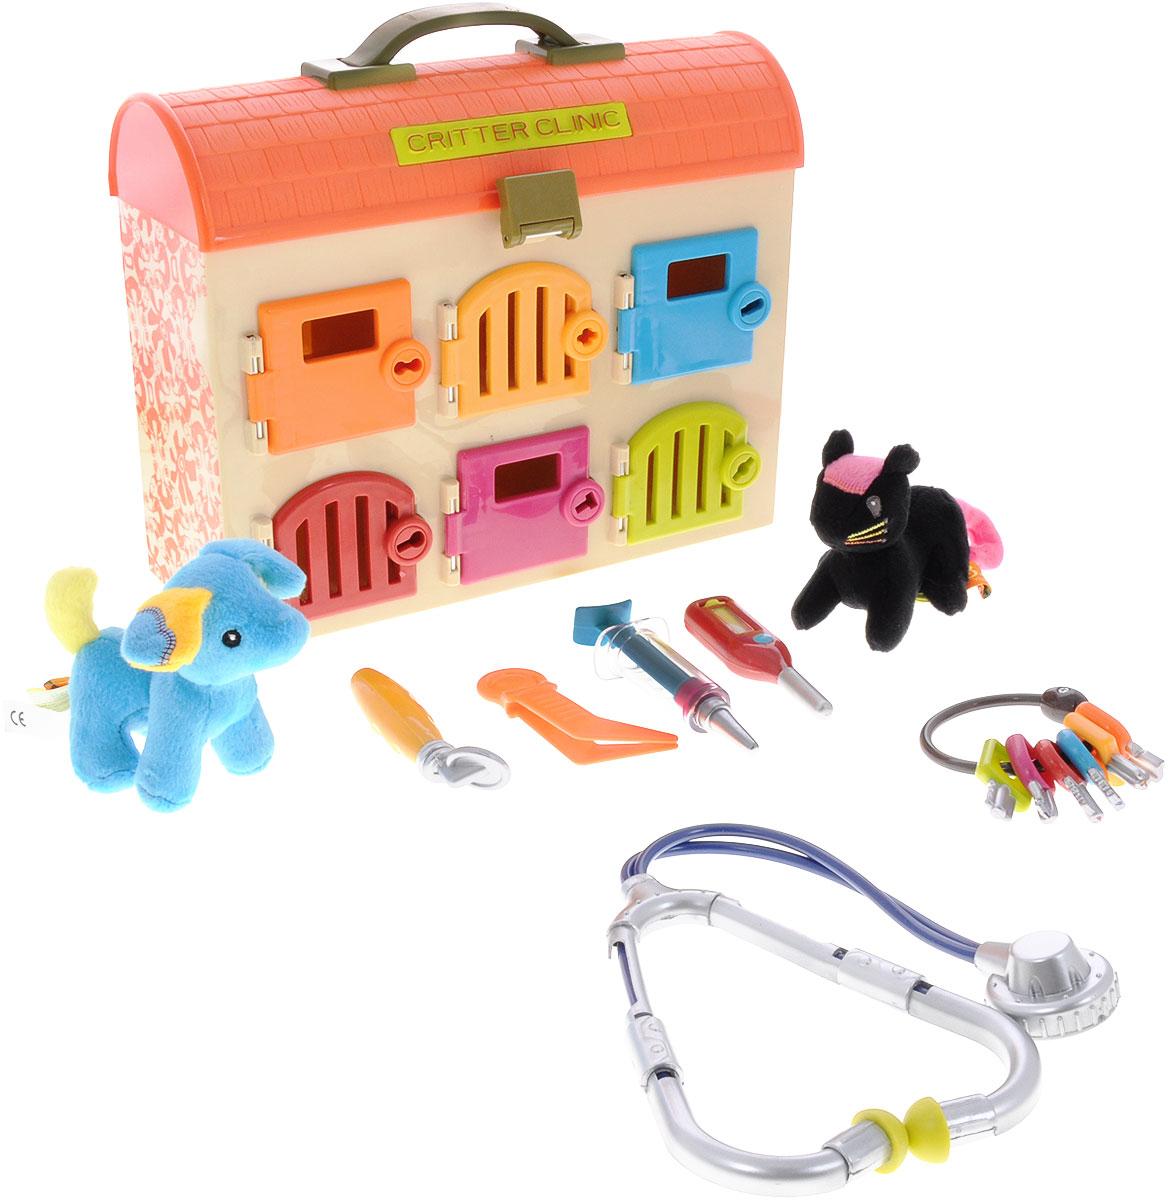 Just B. Just You. B. You Игровой набор Ветеринарная клиника цвет оранжевый68614_оранжевыйИгровой набор Just B. Just You. B. You Ветеринарная клиника приведет в восторг любого малыша, который любит животных или мечтает стать ветеринаром. Набор включает в себя удобный чемоданчик с дверцами, разноцветные ключики, пинцет, фонендоскоп, зеркальце, шприц и термометр. Красочный набор станет игрушкой для каждого отзывчивого и доброго малыша. Ребенок с радостью будет лечить своих плюшевых питомцев. Чемоданчик дополнен шестью разноцветными дверцами с замочными скважинами различной формы, а ключики к ним помечены соответствующими цветами, так что малышу не составит труда подобрать нужный ключик. Взрослые также могут принять участие в игре, познакомив малыша с назначением и способах применения различных ветеринарных инструментов. Инструменты и чемоданчик выполнена из прочного высококачественного пластика, игрушки-пациенты покрыты мягким искусственным мехом. С игровым набором Just B. Just You. B. You Ветеринарная клиника  ваш маленький ветеринар непременно вылечит всех...